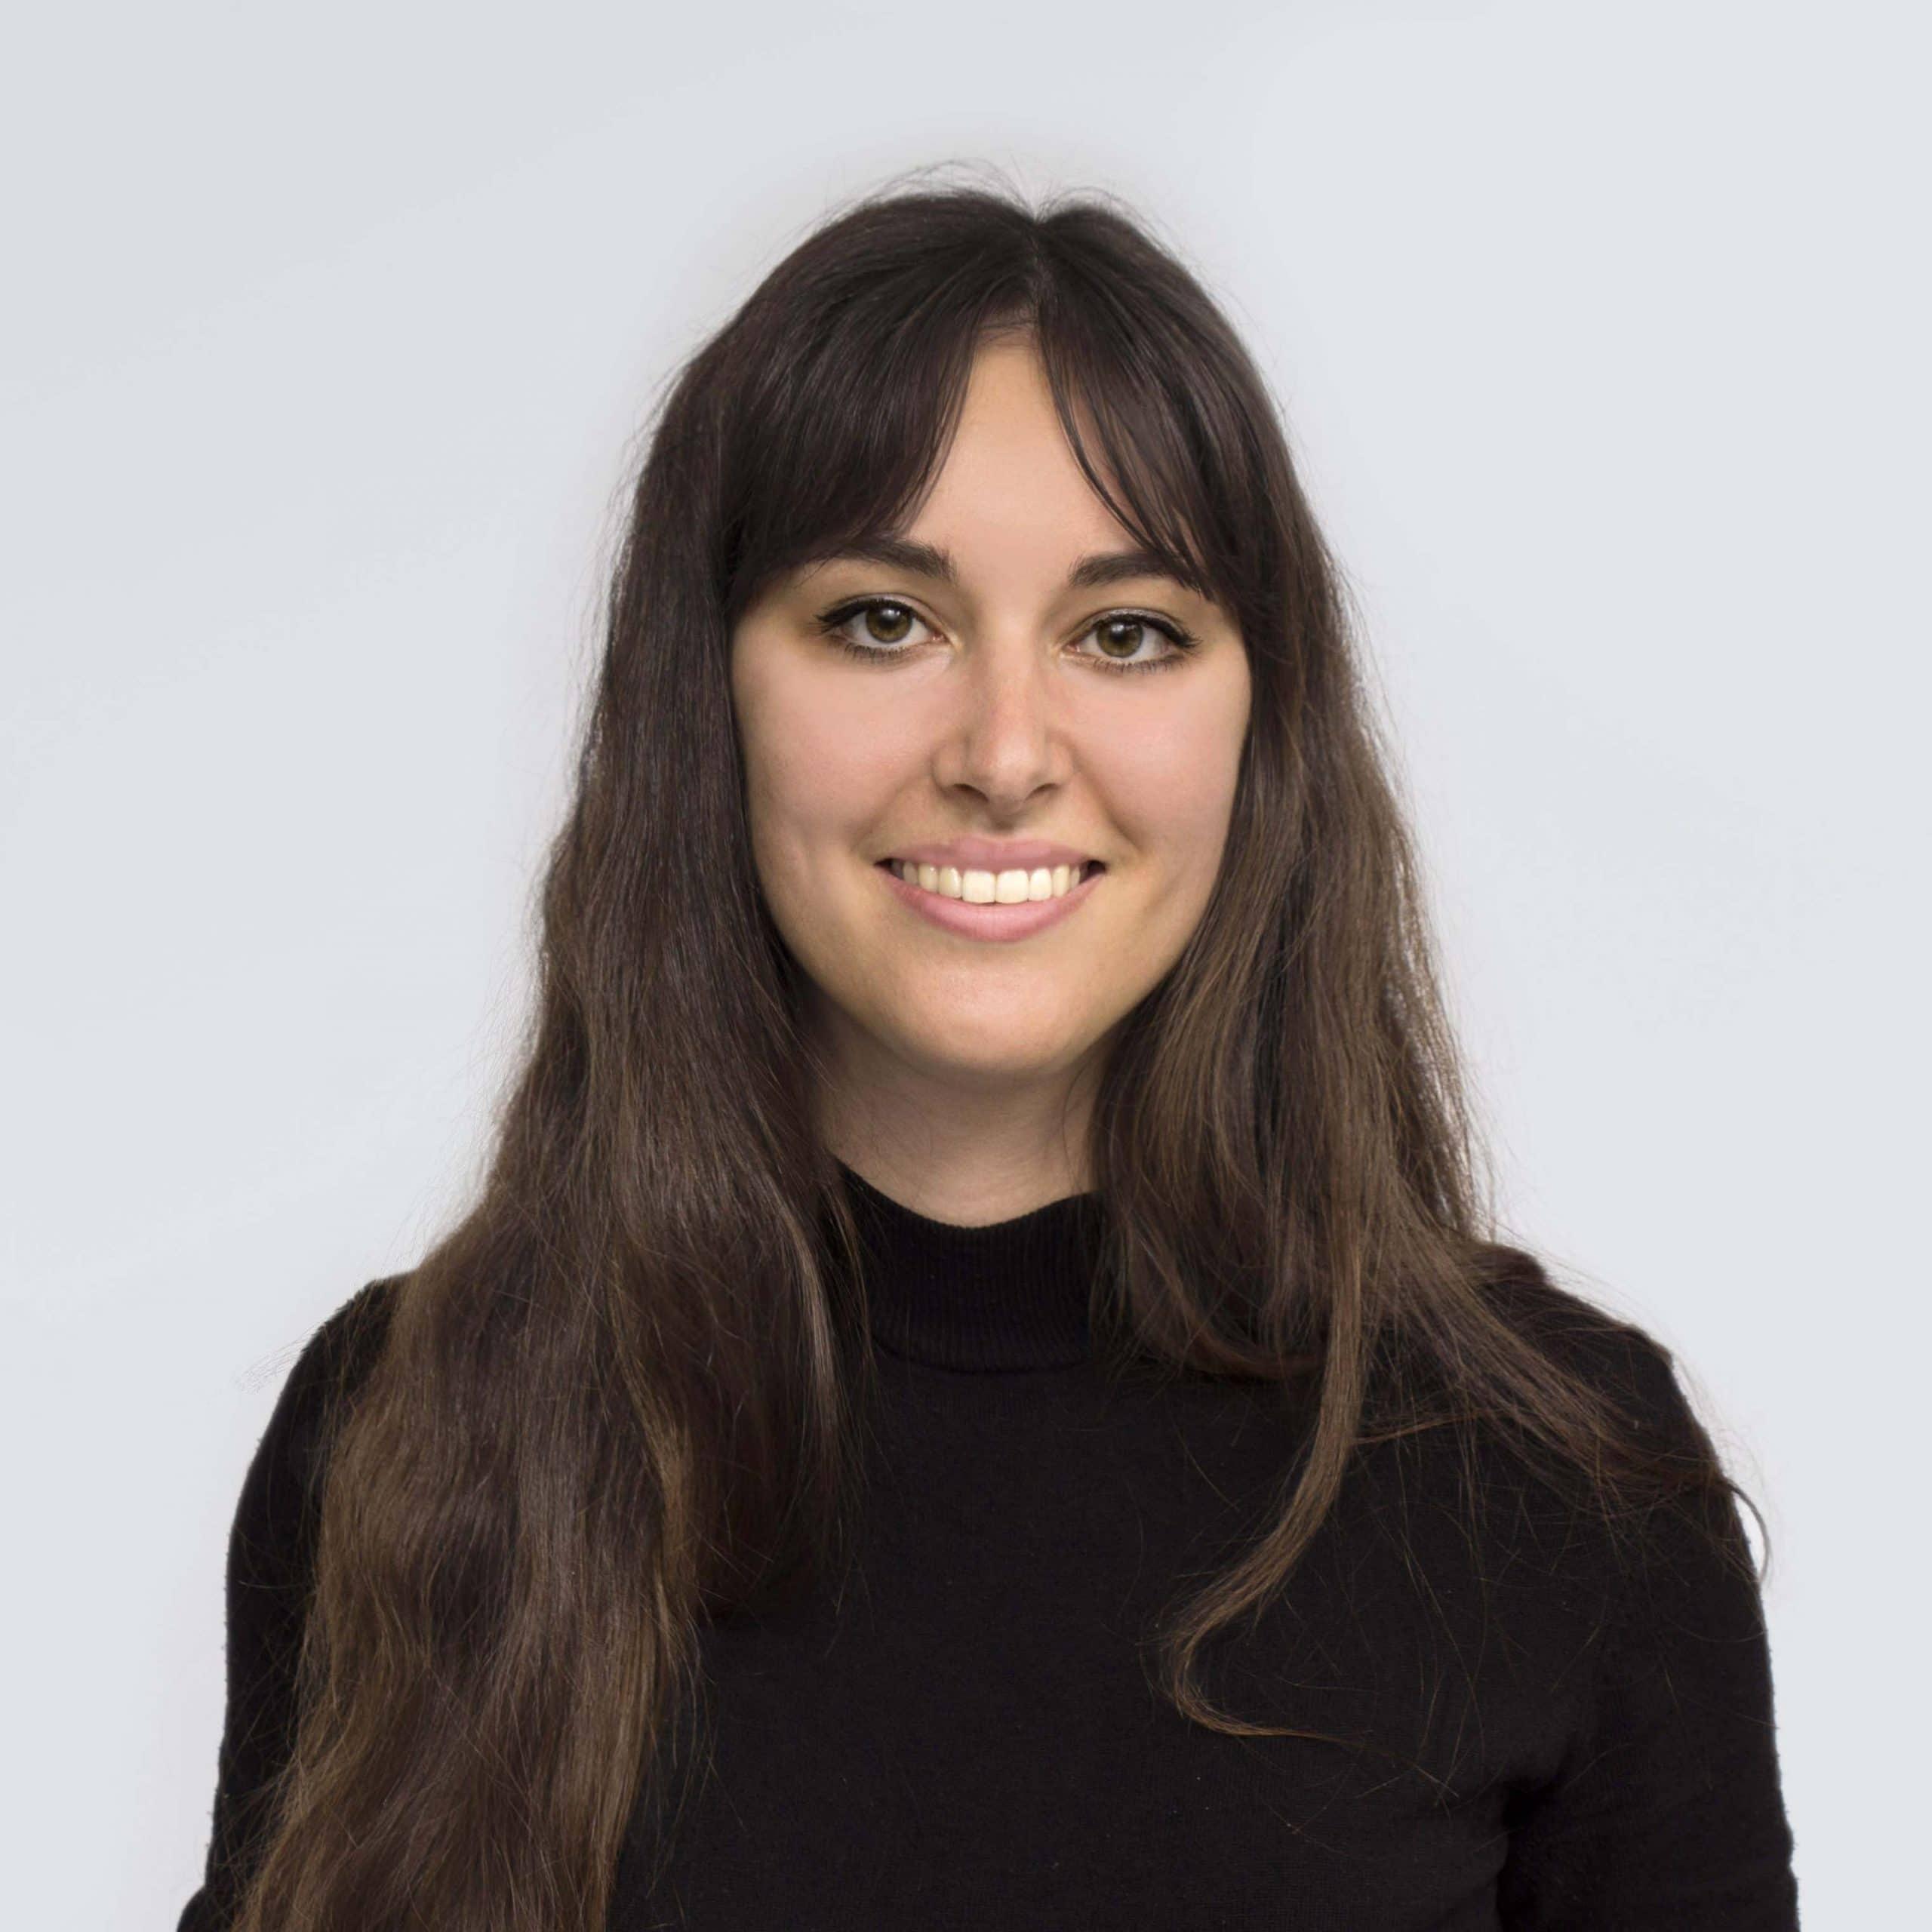 Britt Vehof